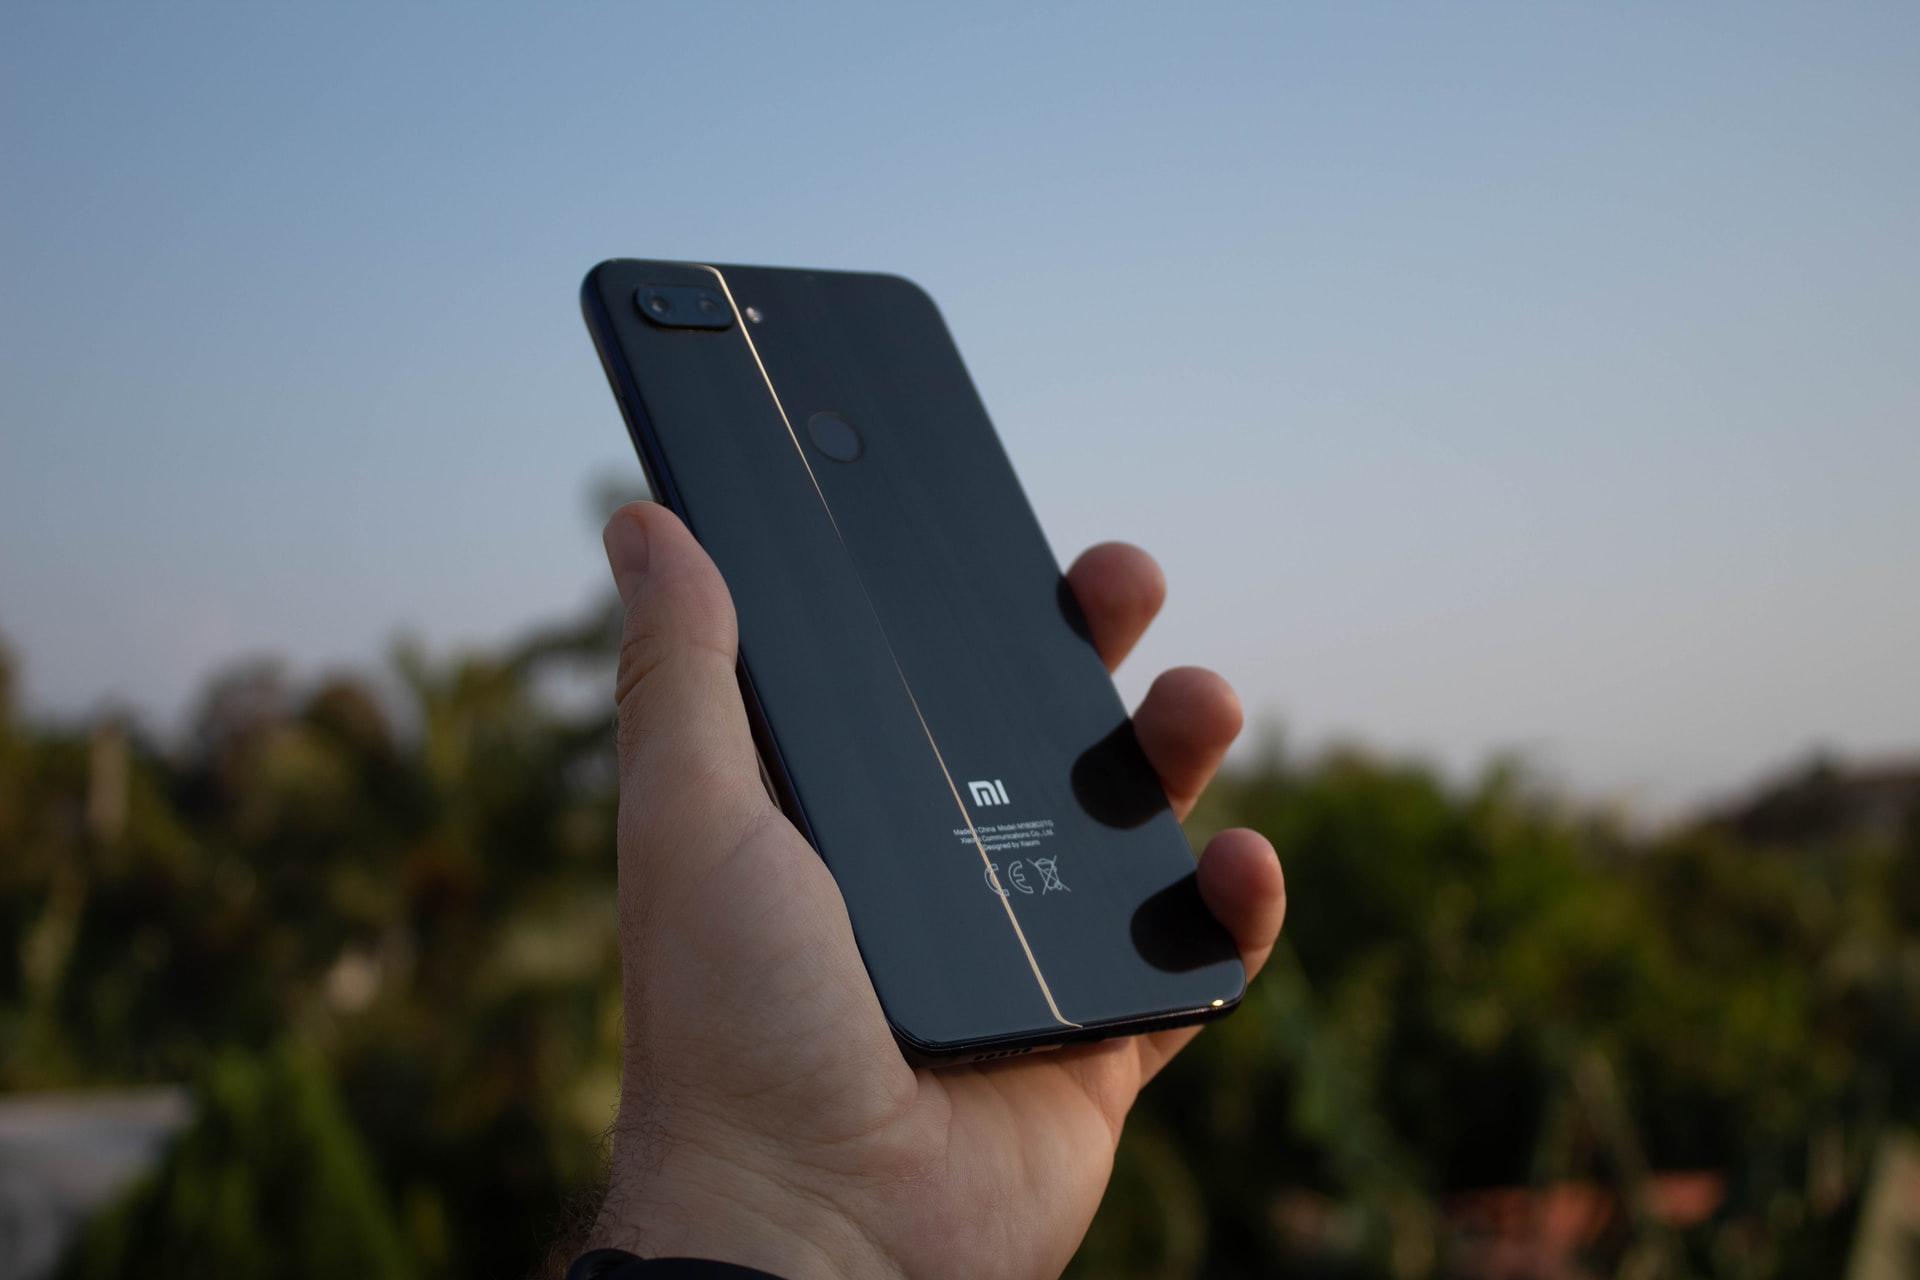 Xiaomi начала активно блокировать смартфоны, нелегально ввезённые в разные страны. В том числе в Крым